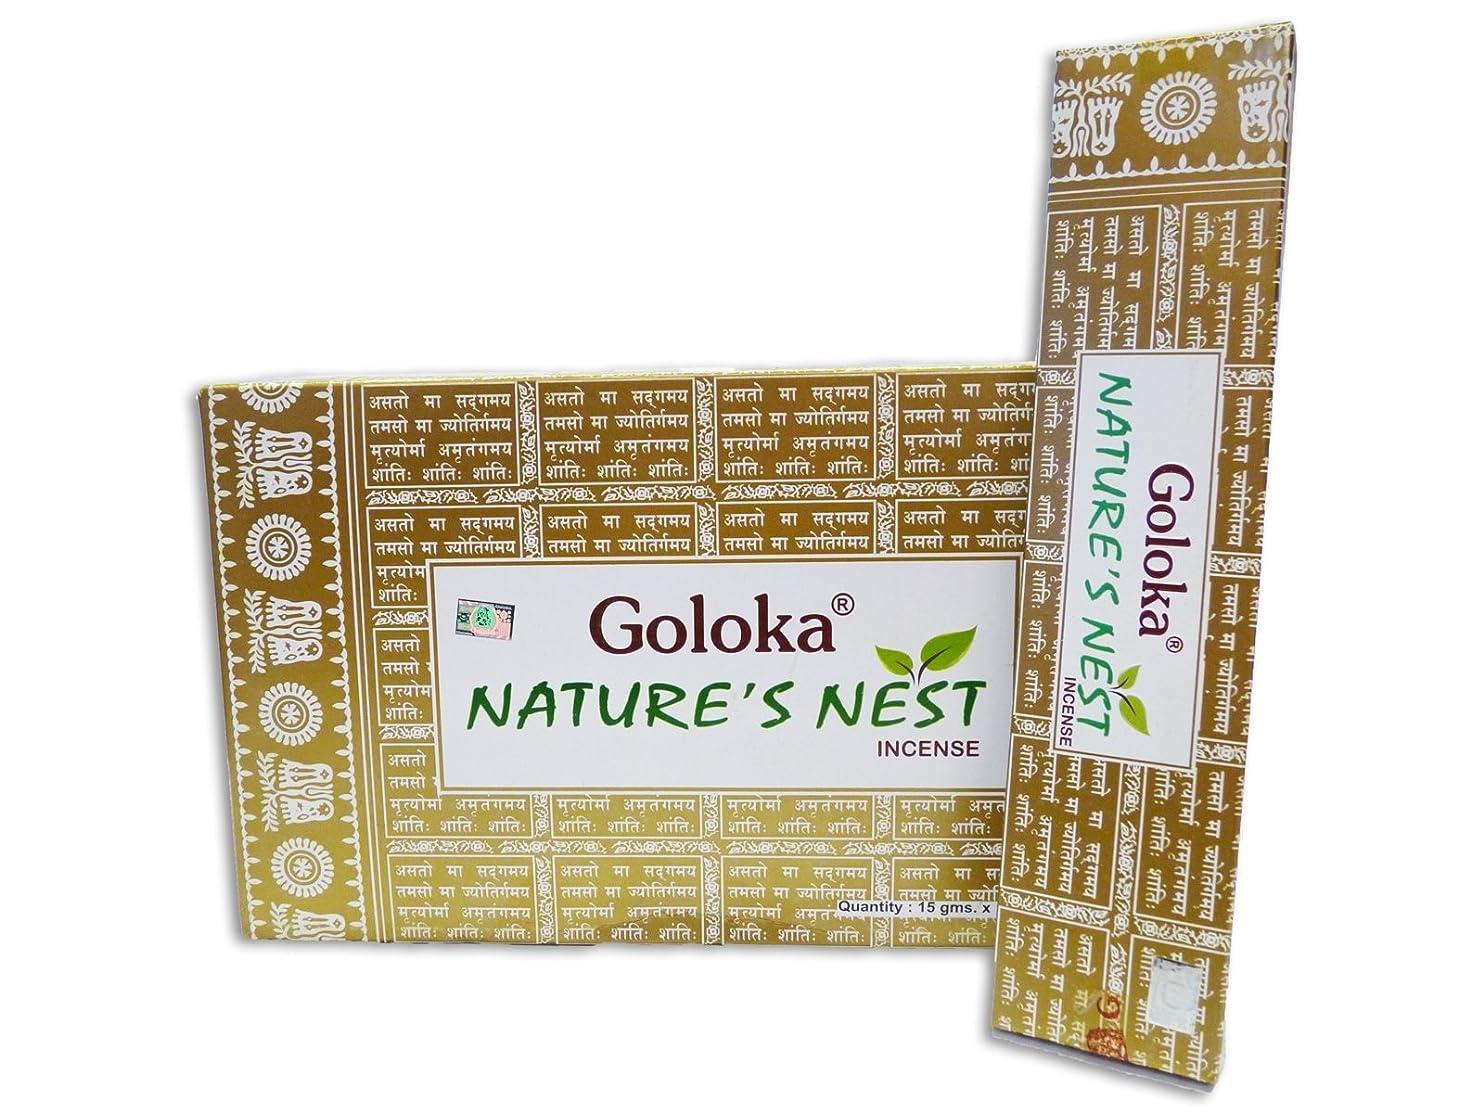 正確な仕立て屋配るGoloka Nature 's Nest Masala Incense Sticks 15?gms x 12パックby Goloka